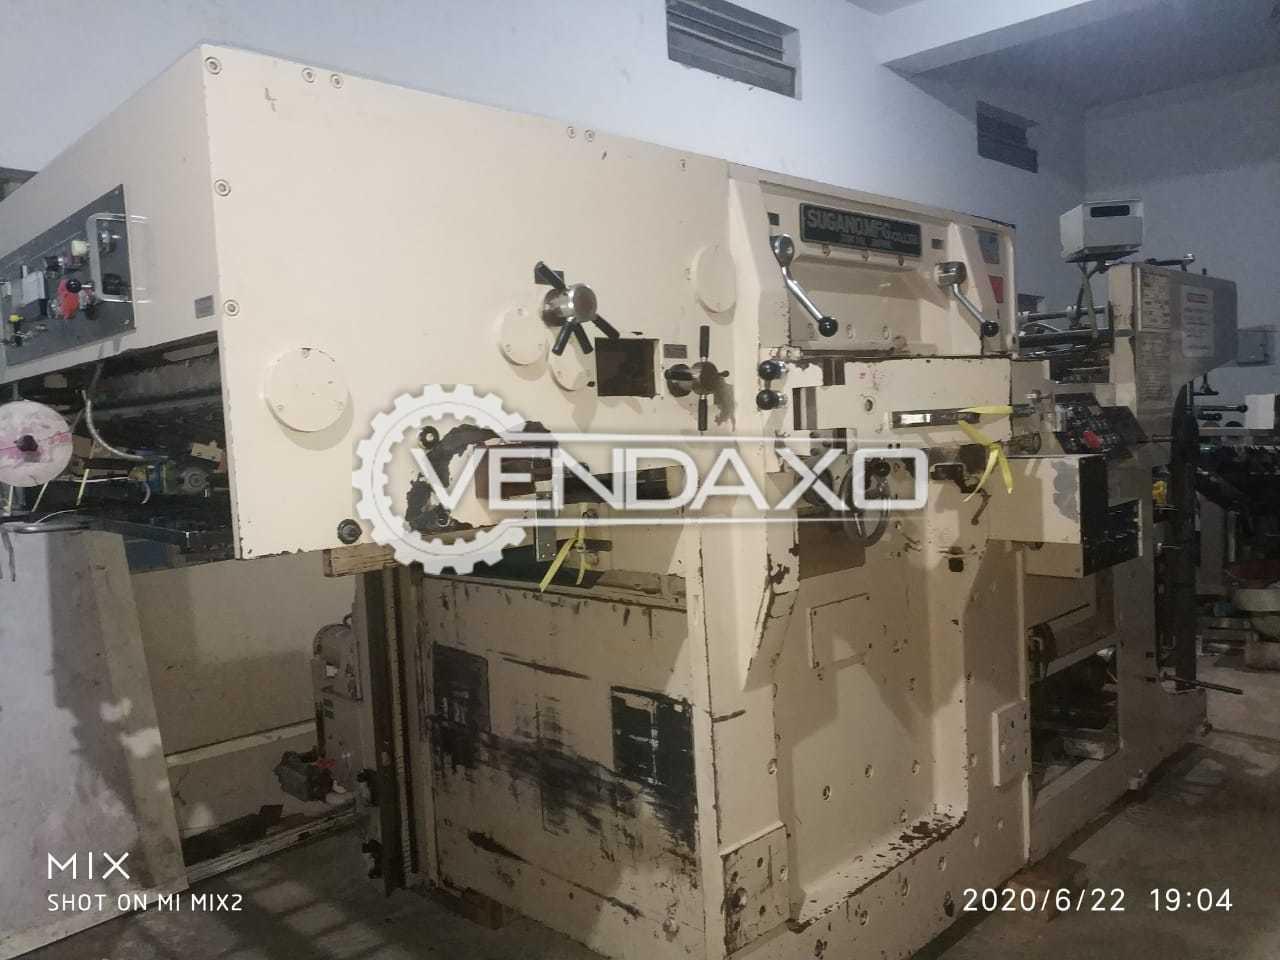 Sugano NF 1000 Die Punching Machine - Size - 28 x 40 Inch